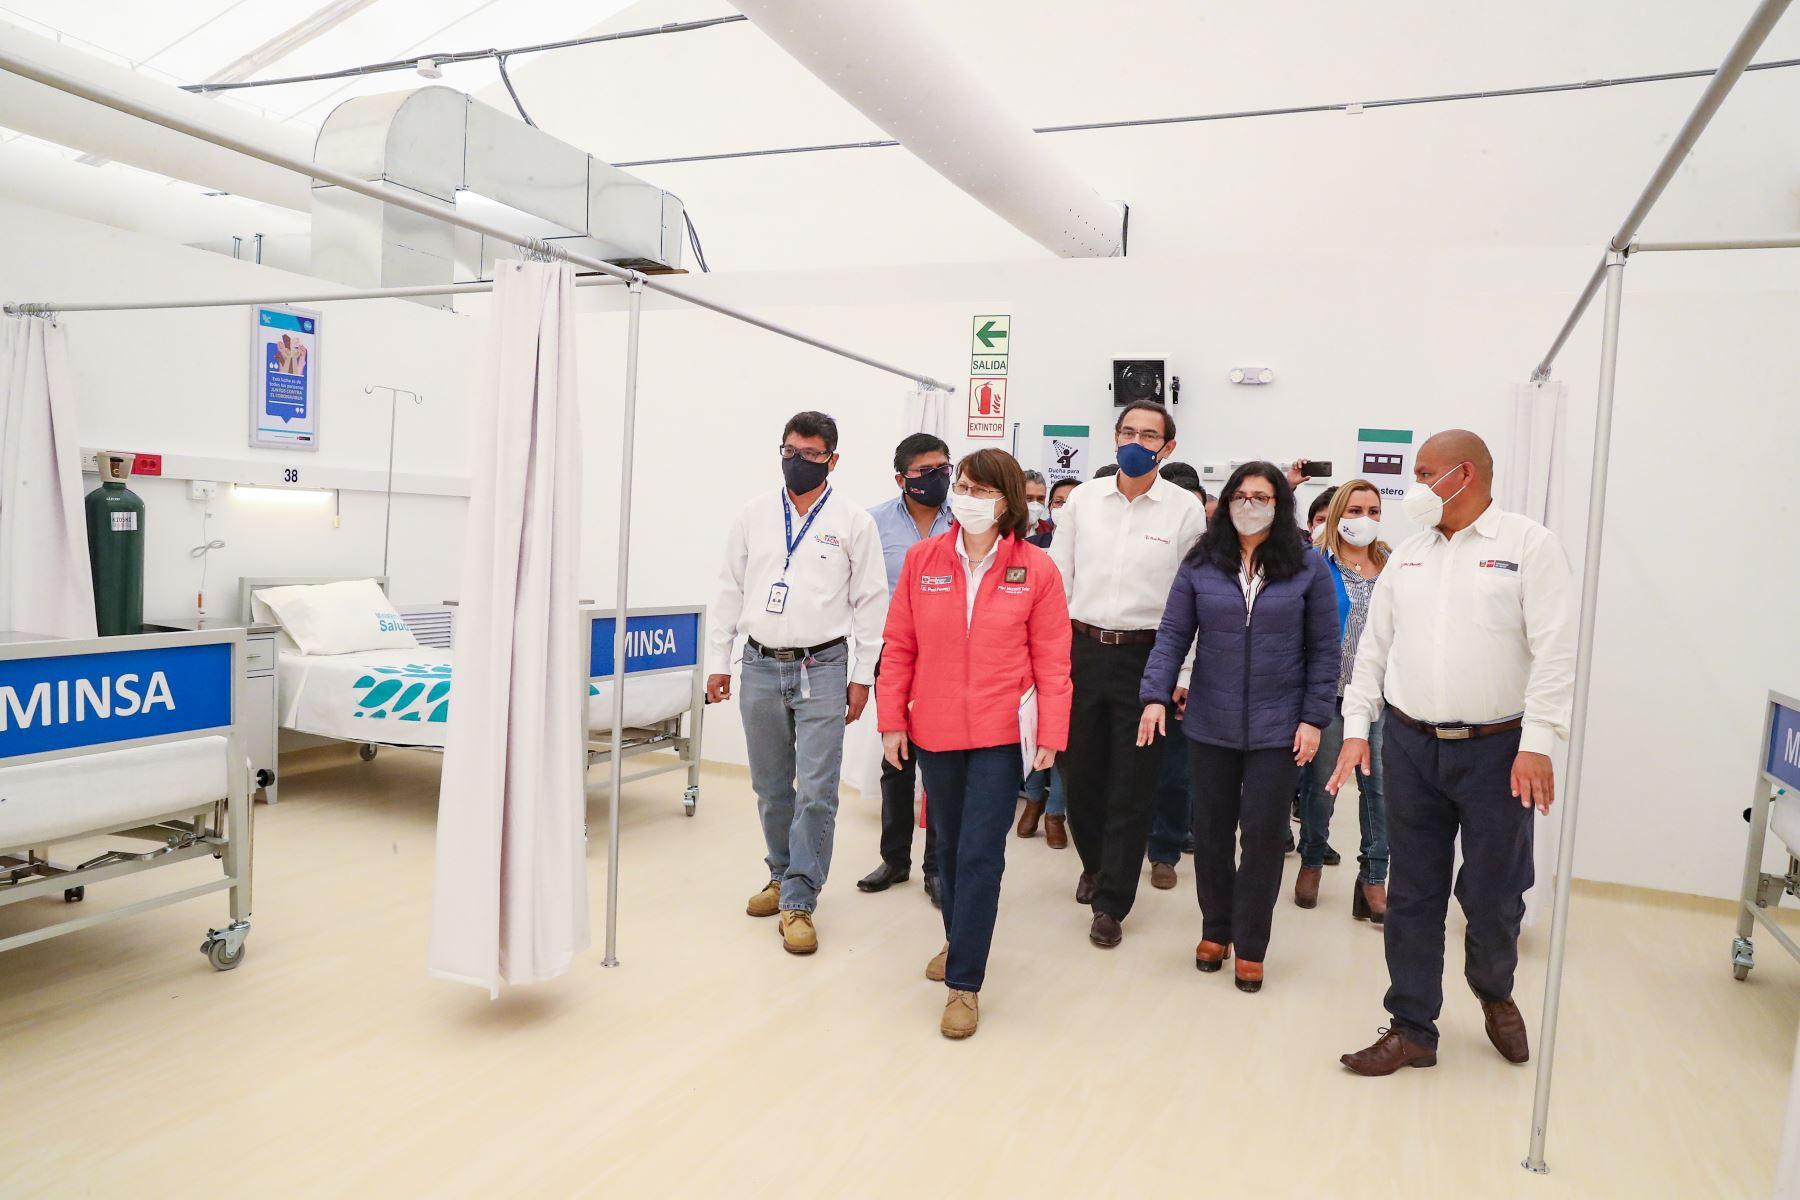 Presidente Martín Vizcarra inaugura Centro de Aislamiento Temporal del Hospital Unanue, en Tacna. Lo acompaña la ministra de Salud, Pilar Mazzetti. Foto: ANDINA/Prensa Presidencia